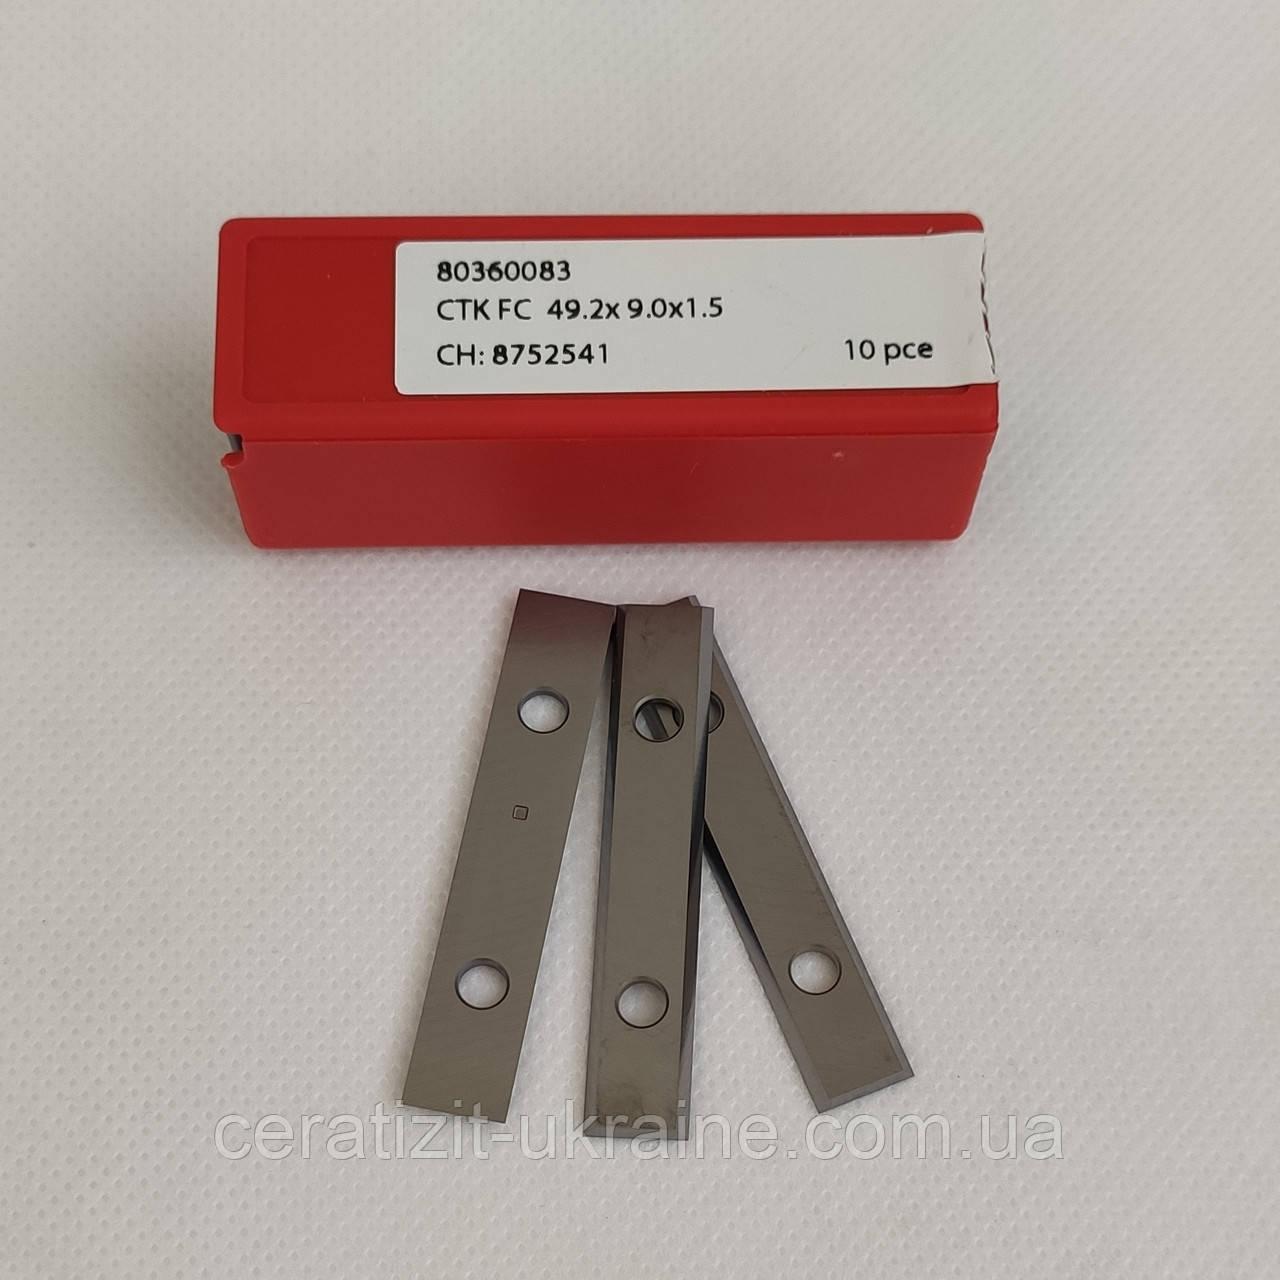 Ніж змінний тб/спл HW 49,2 х 9,0х1,5 KCR08